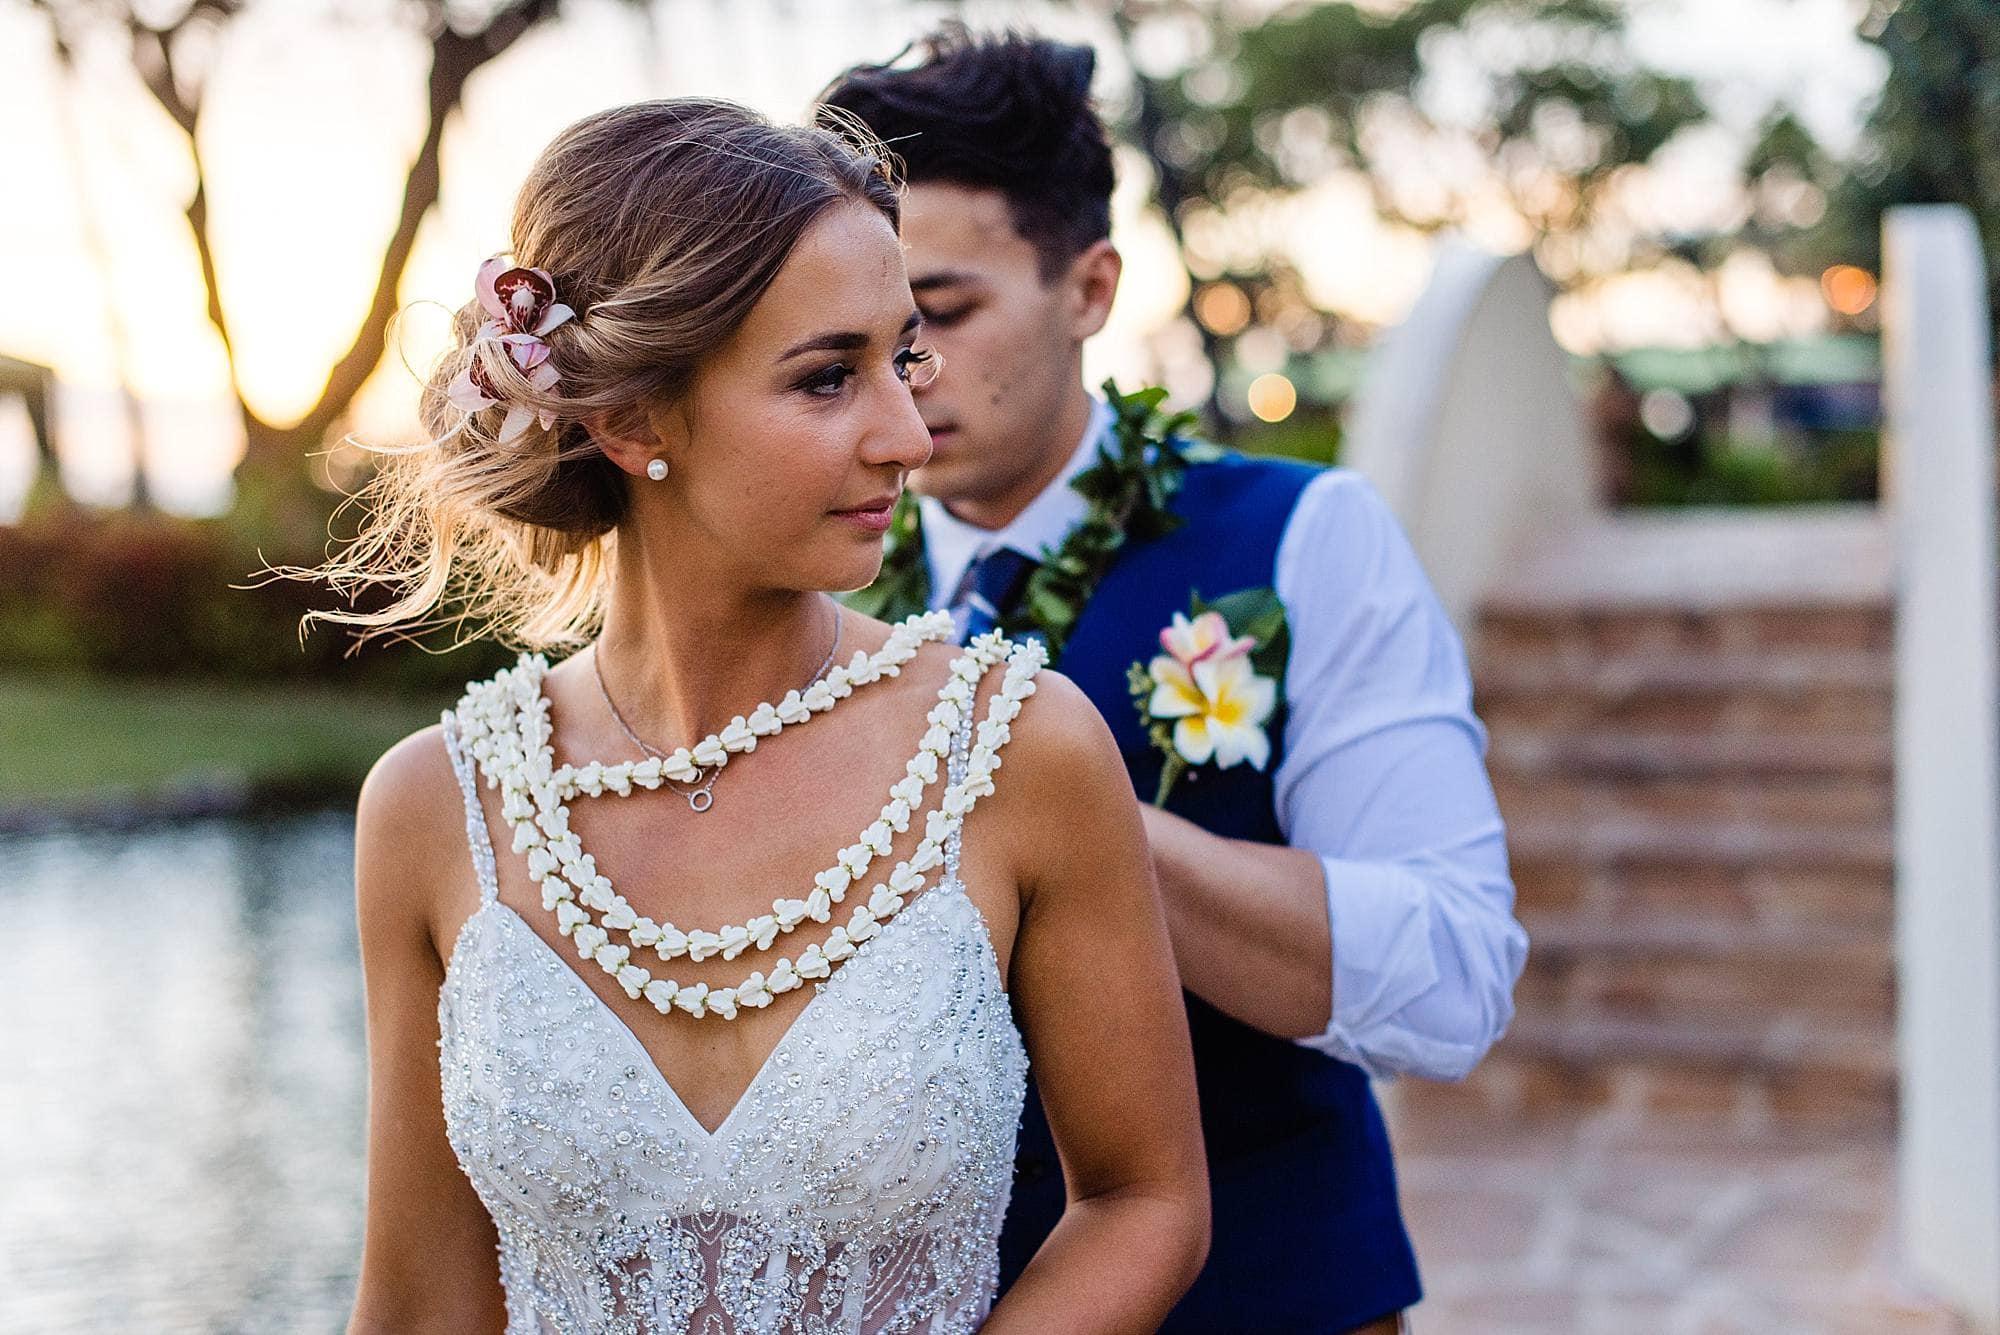 groom fixing bride's leis